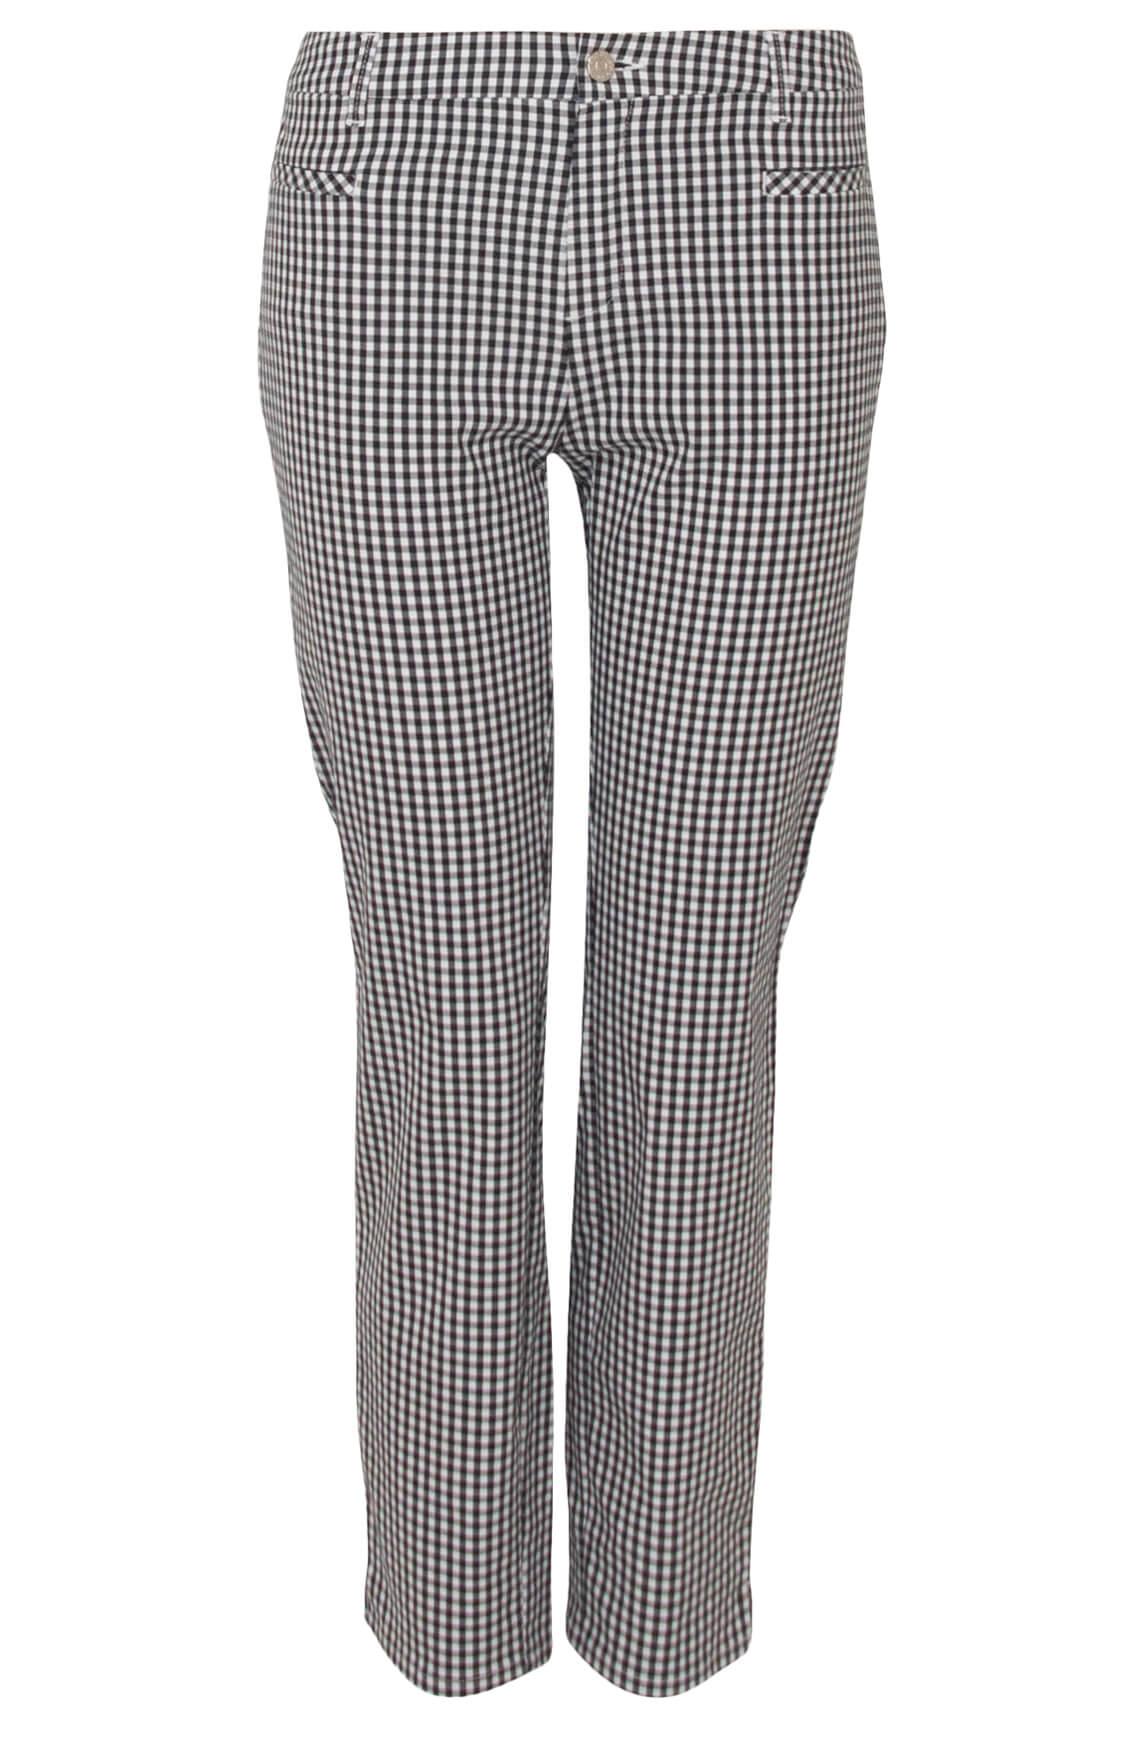 Rosner Dames L28 Alisa broek Zwart